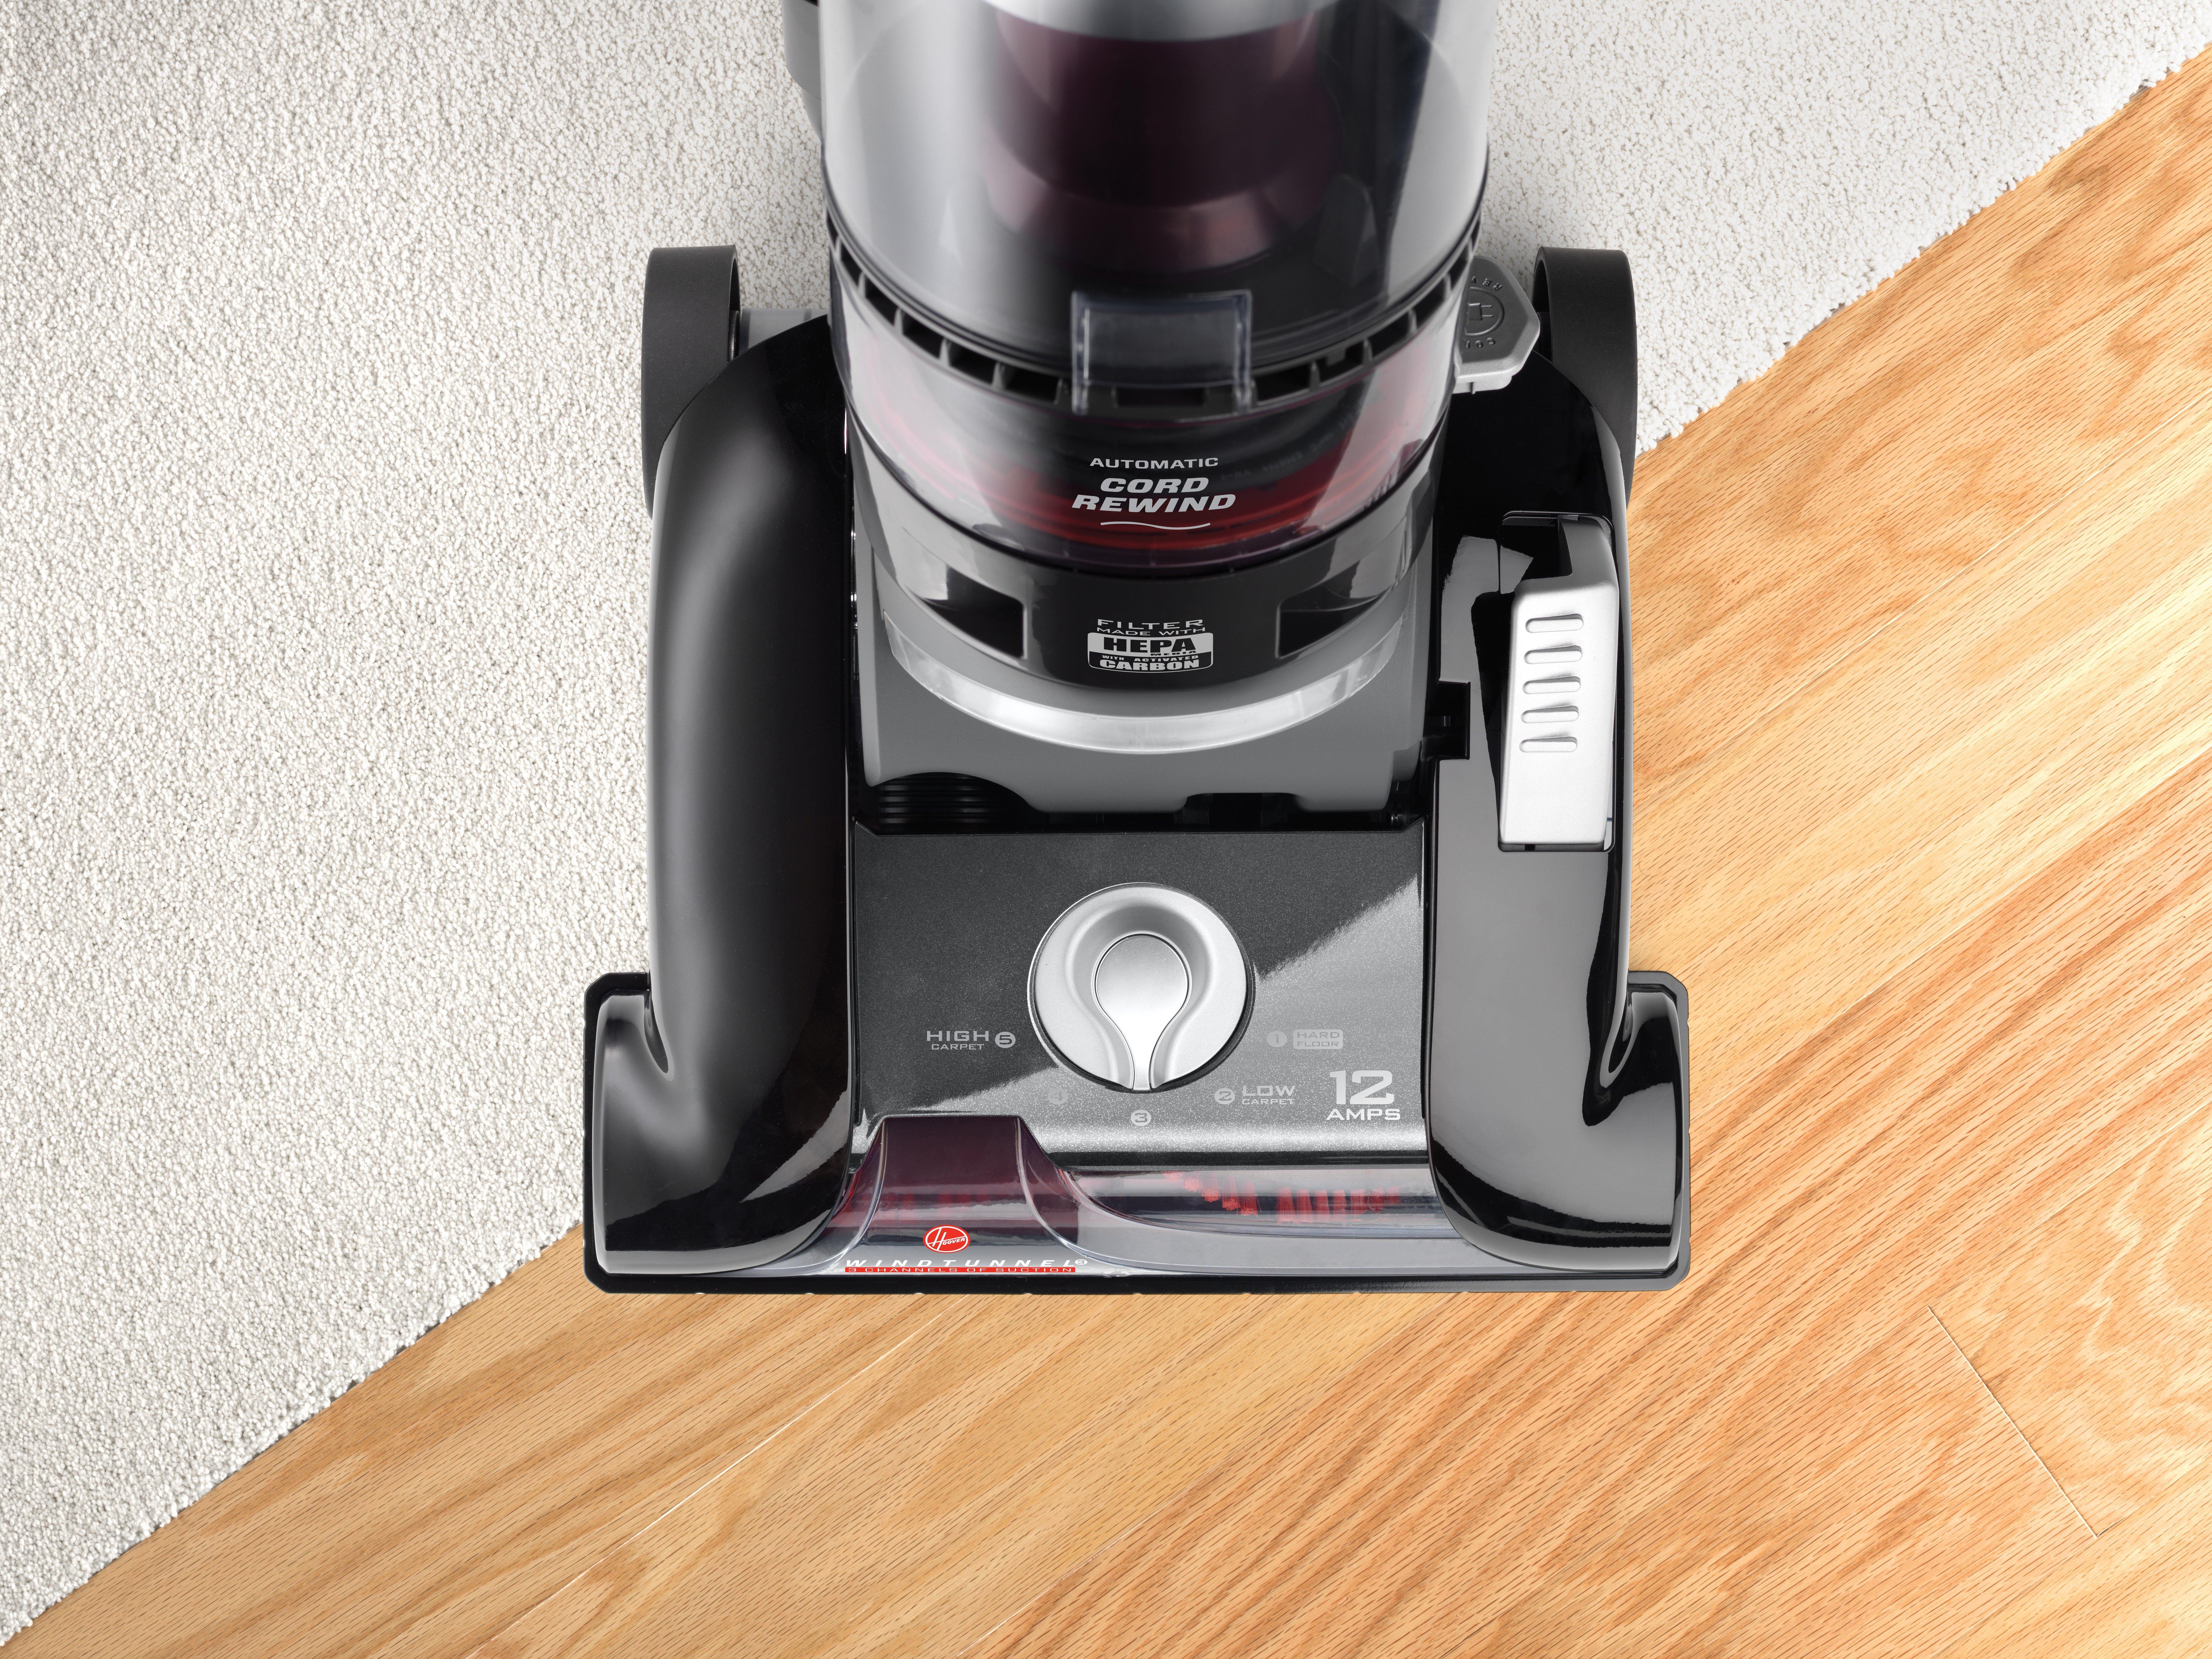 Hoover WindTunnel 3 Pro Bagless Upright Vacuum Refurbished